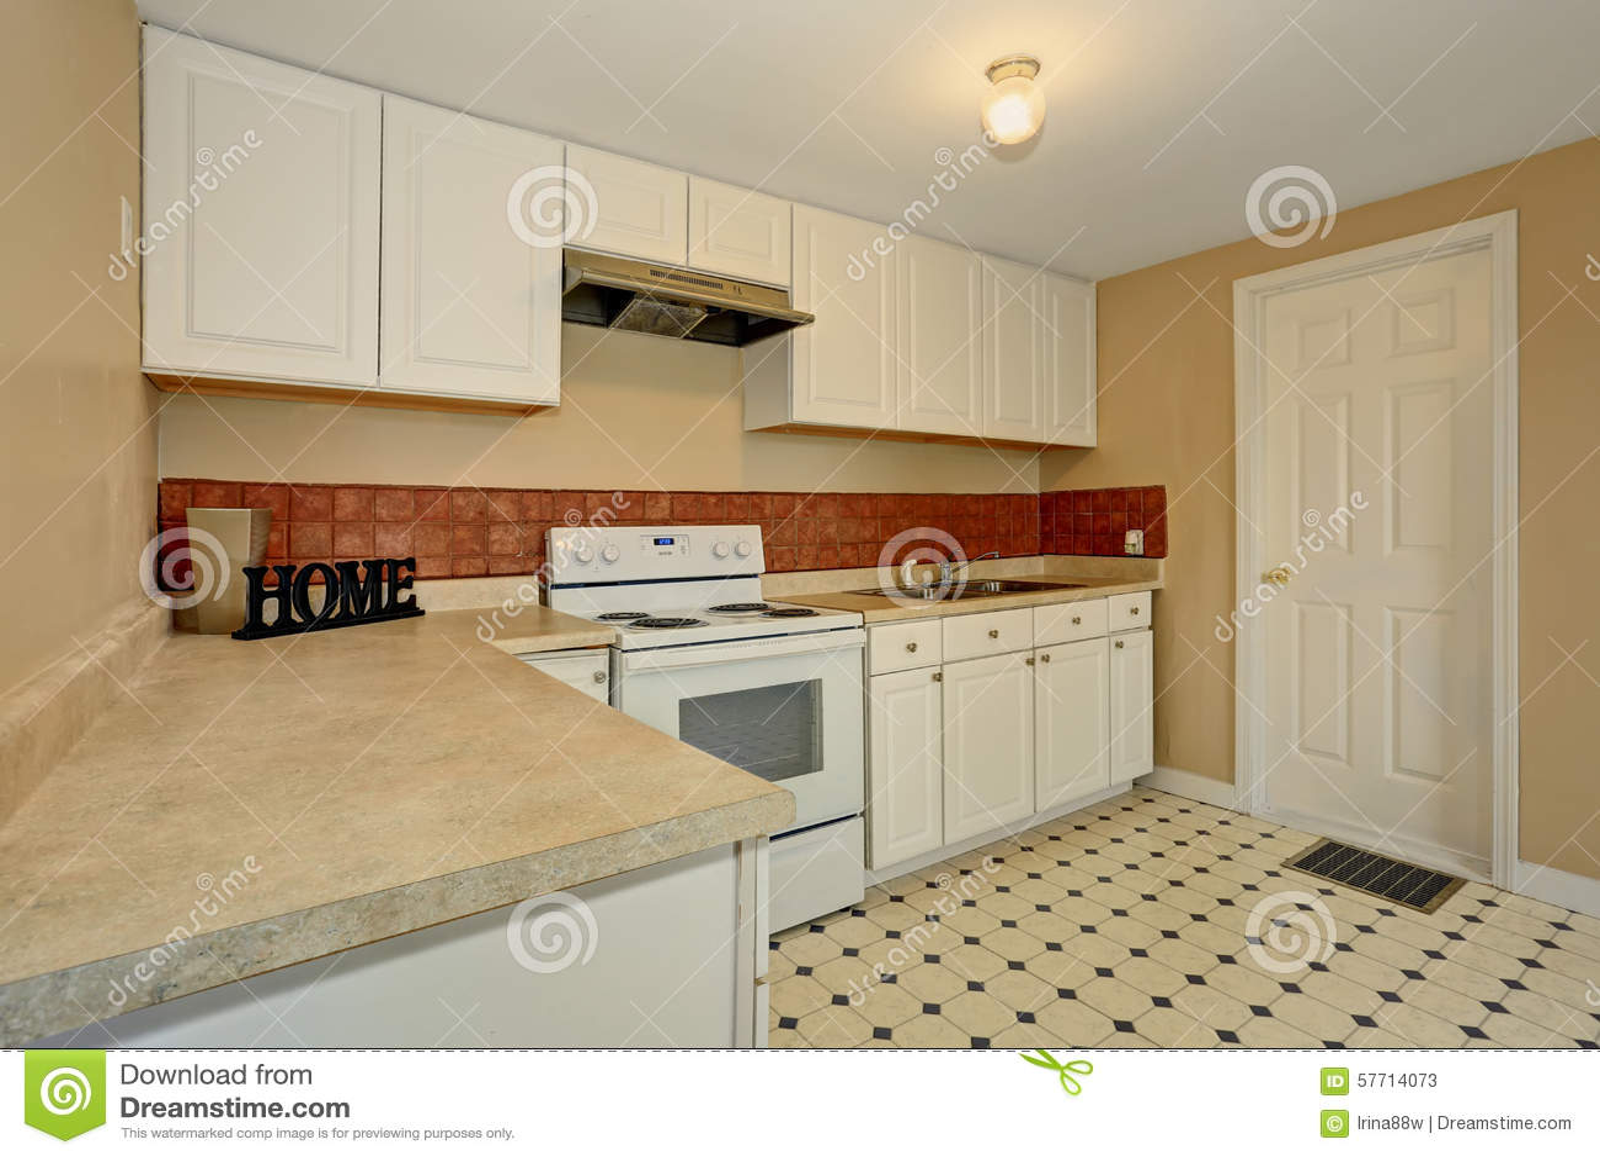 sehr einfache küche mit fliesenboden stockfoto - bild: 57714073